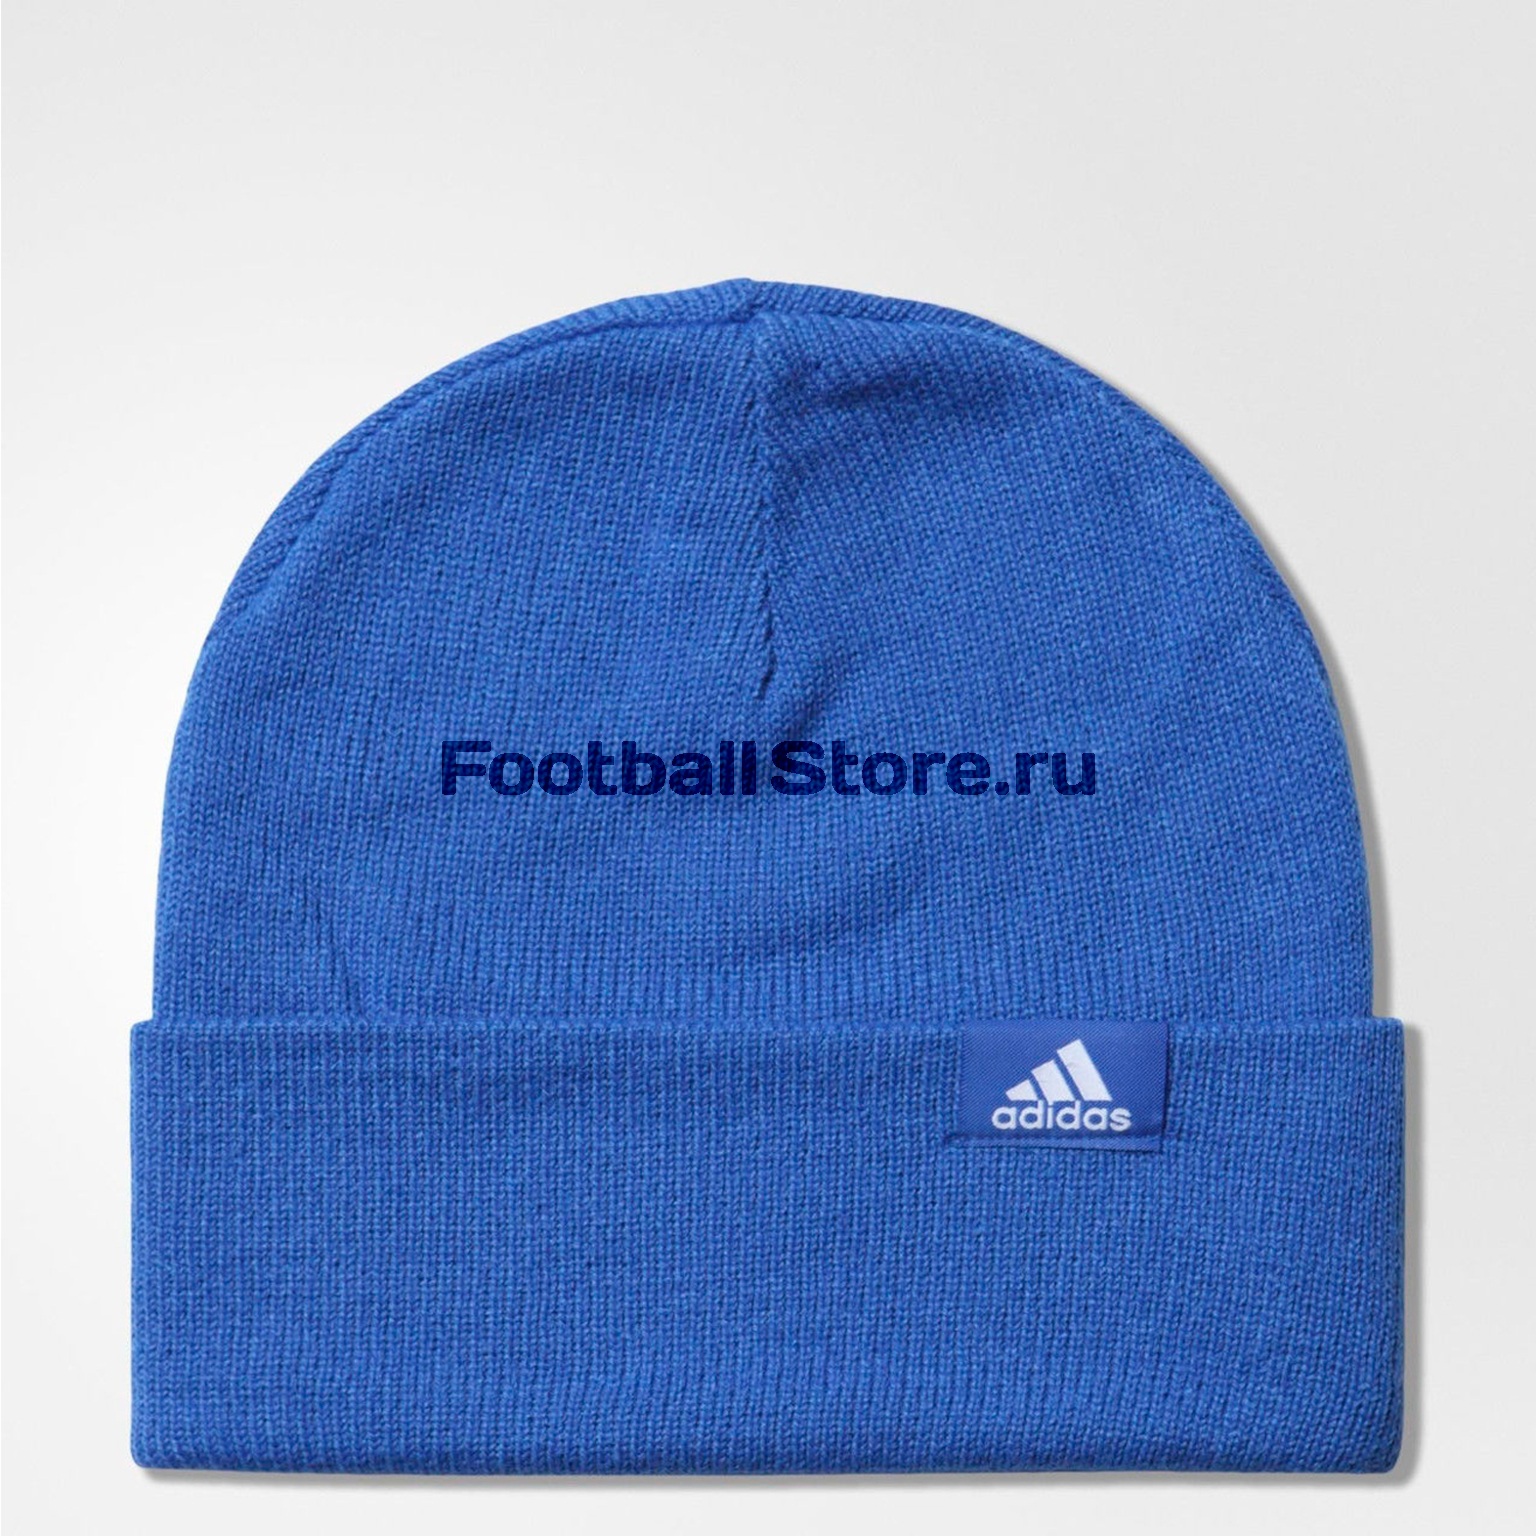 Шапка Adidas Perf Woolie AB0351